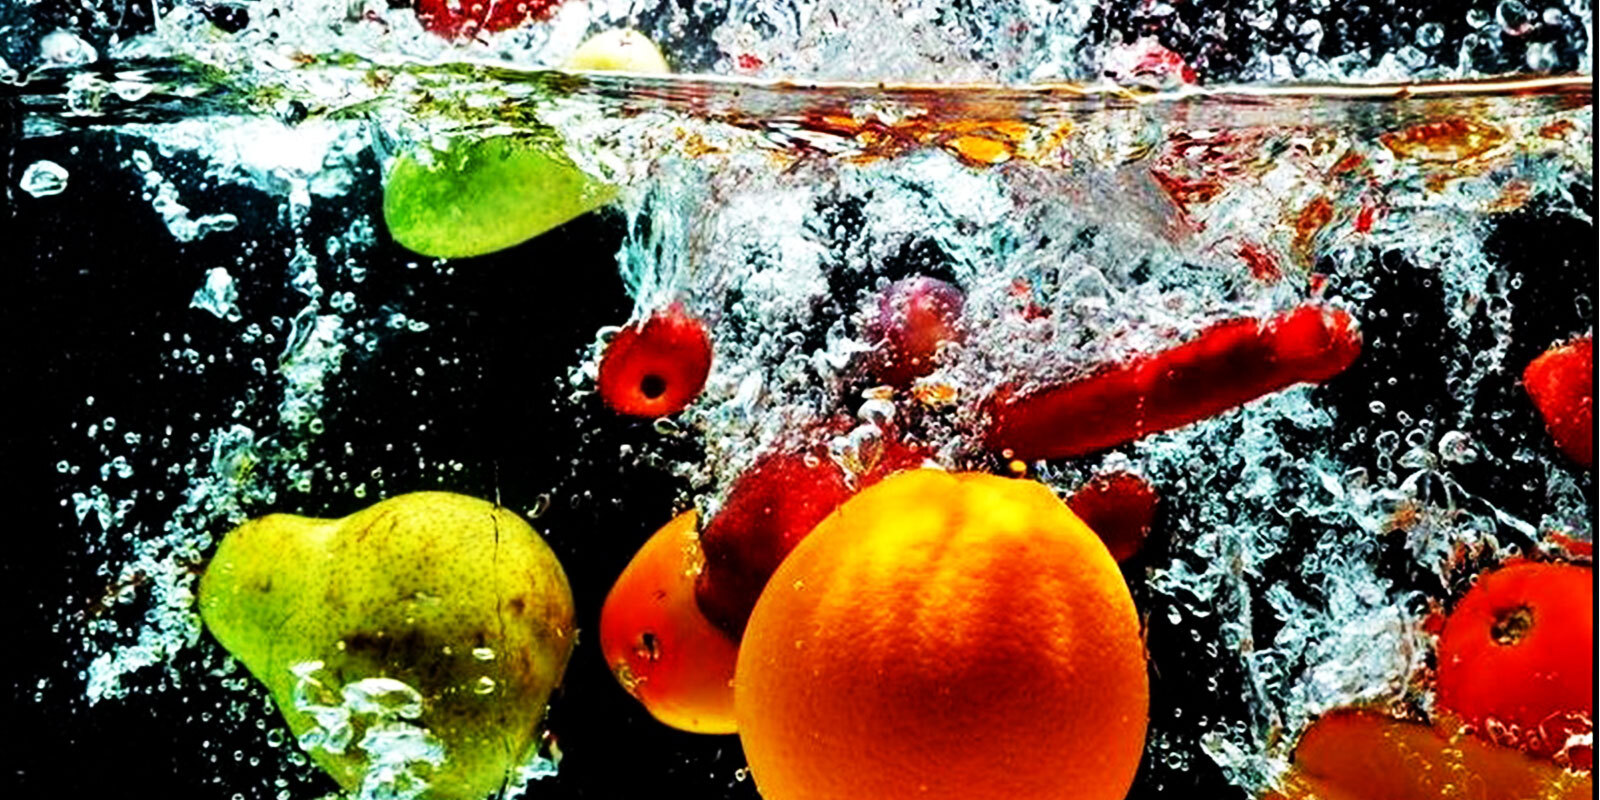 میوه در ظرفشویی - طریقه شستن میوه در ماشین ظرفشویی